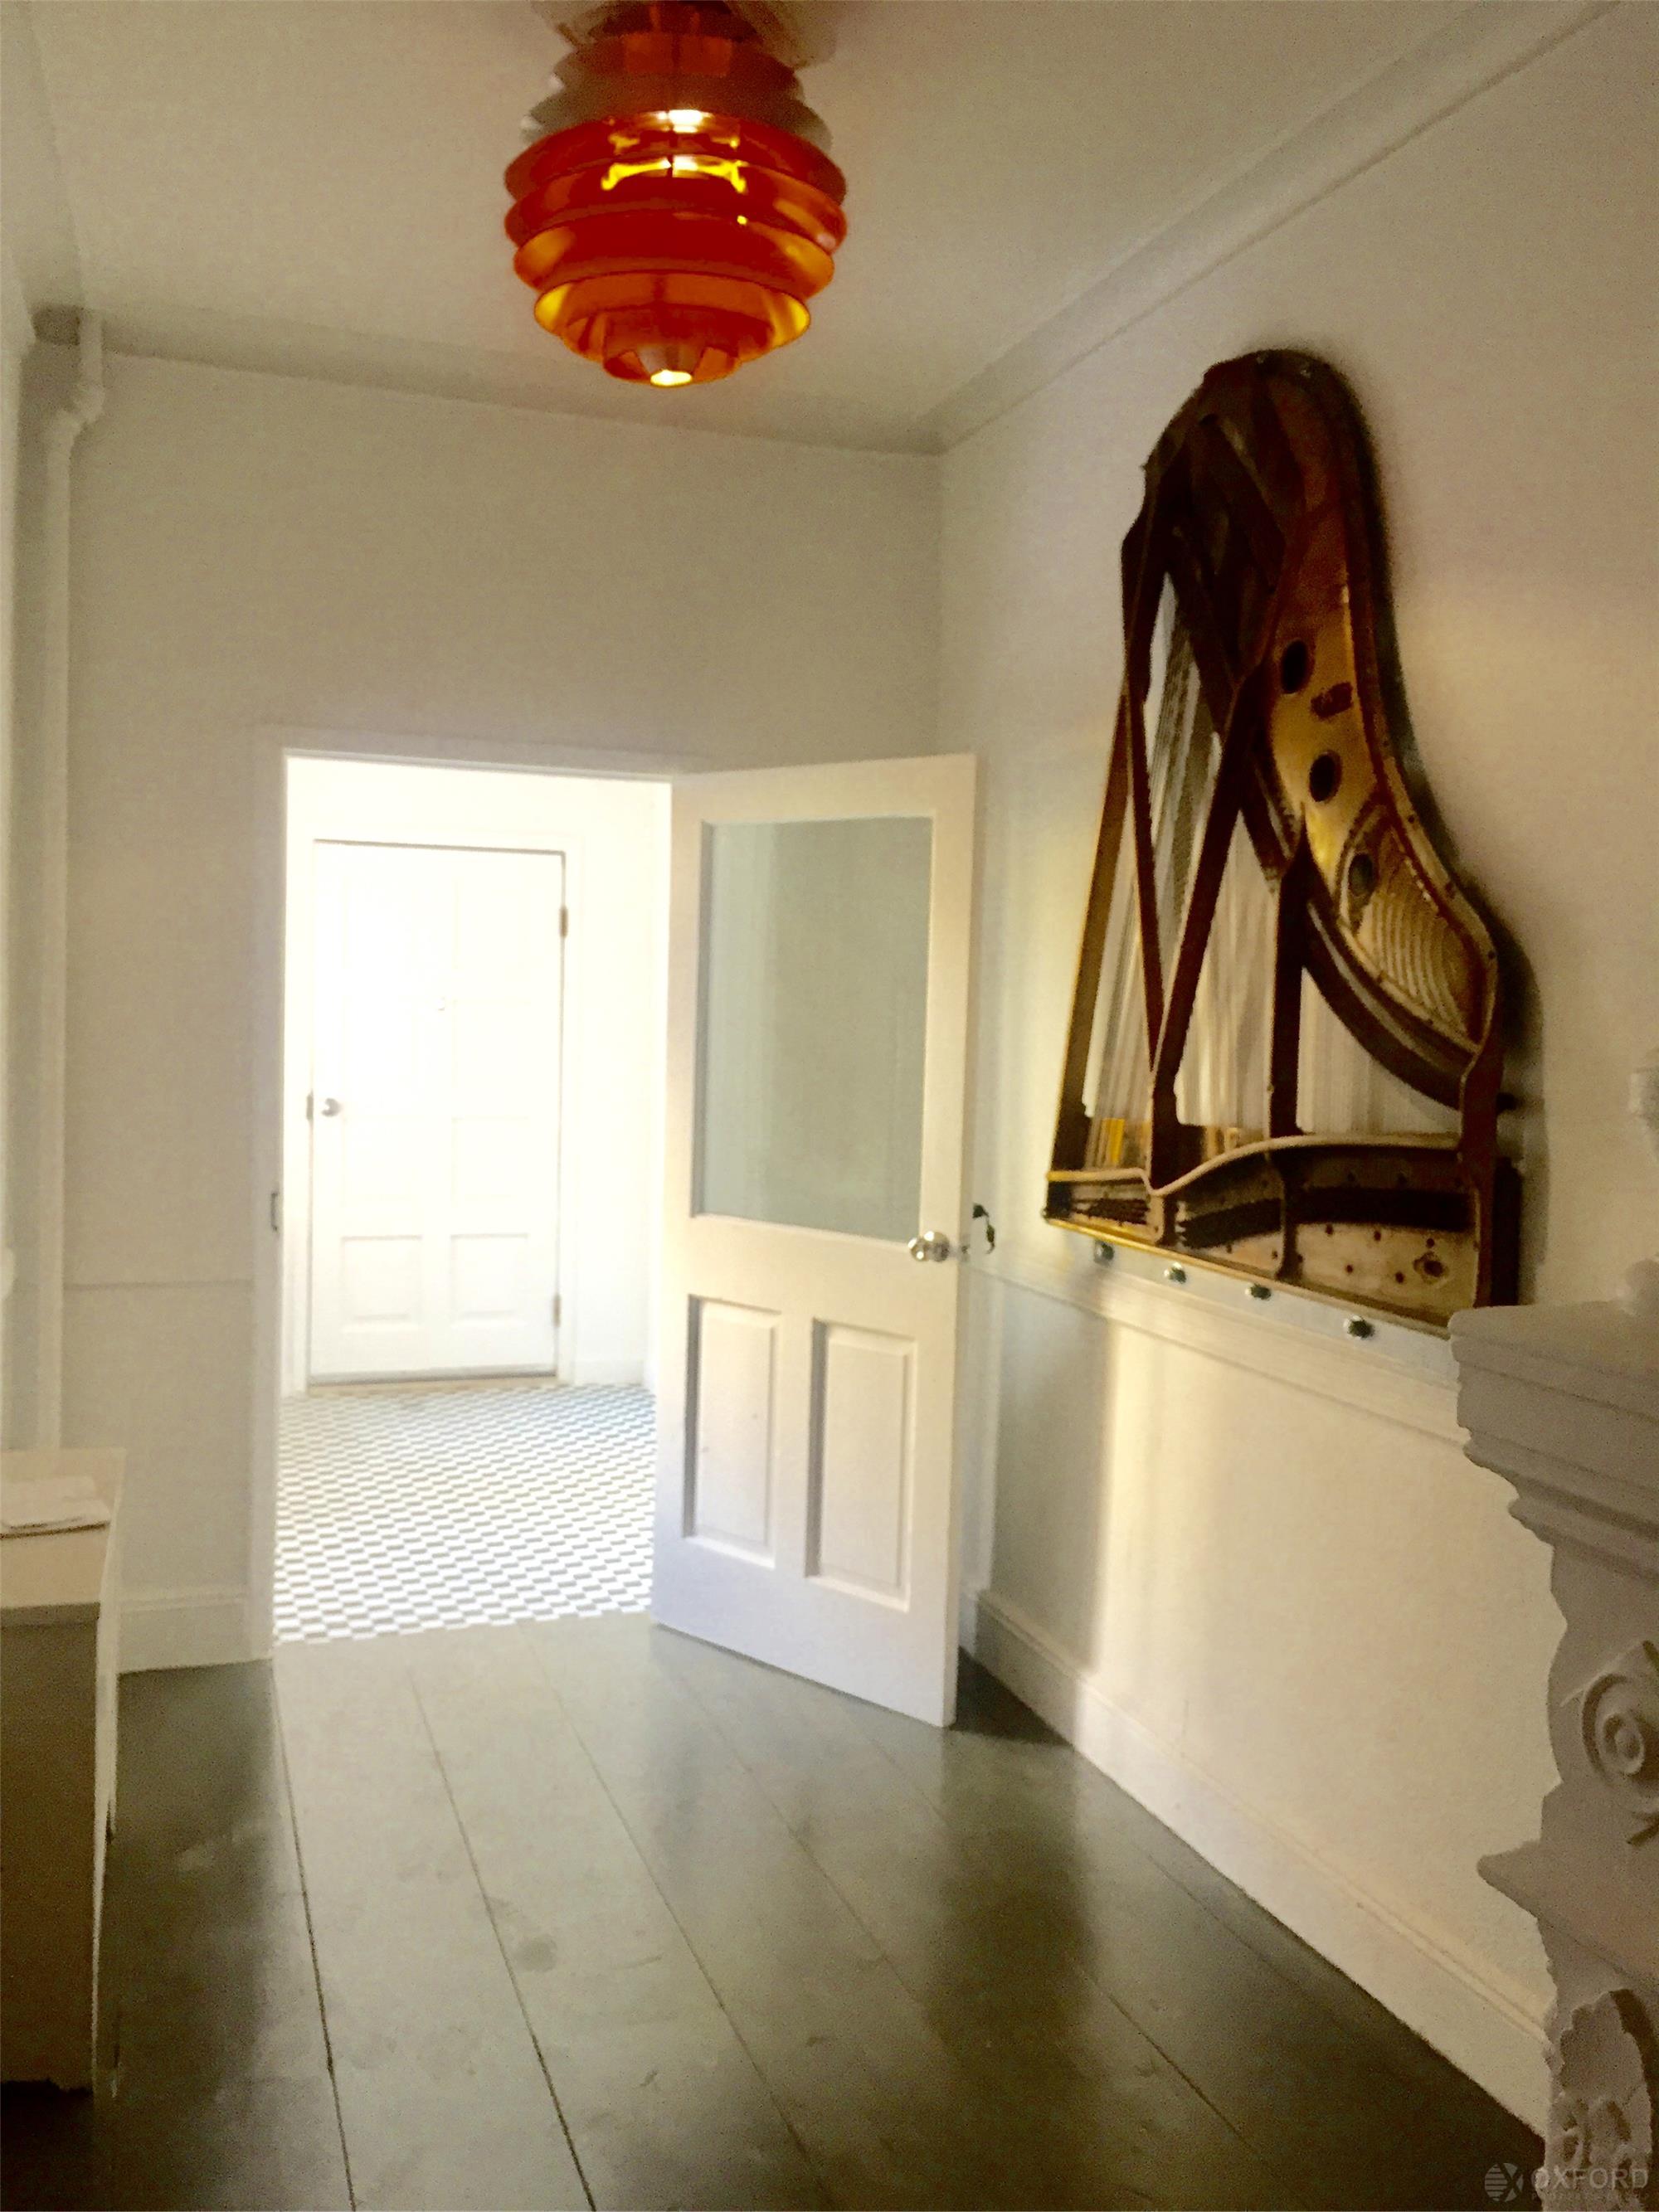 1390 Madison Street 3 Brooklyn Ny 11237 Rented